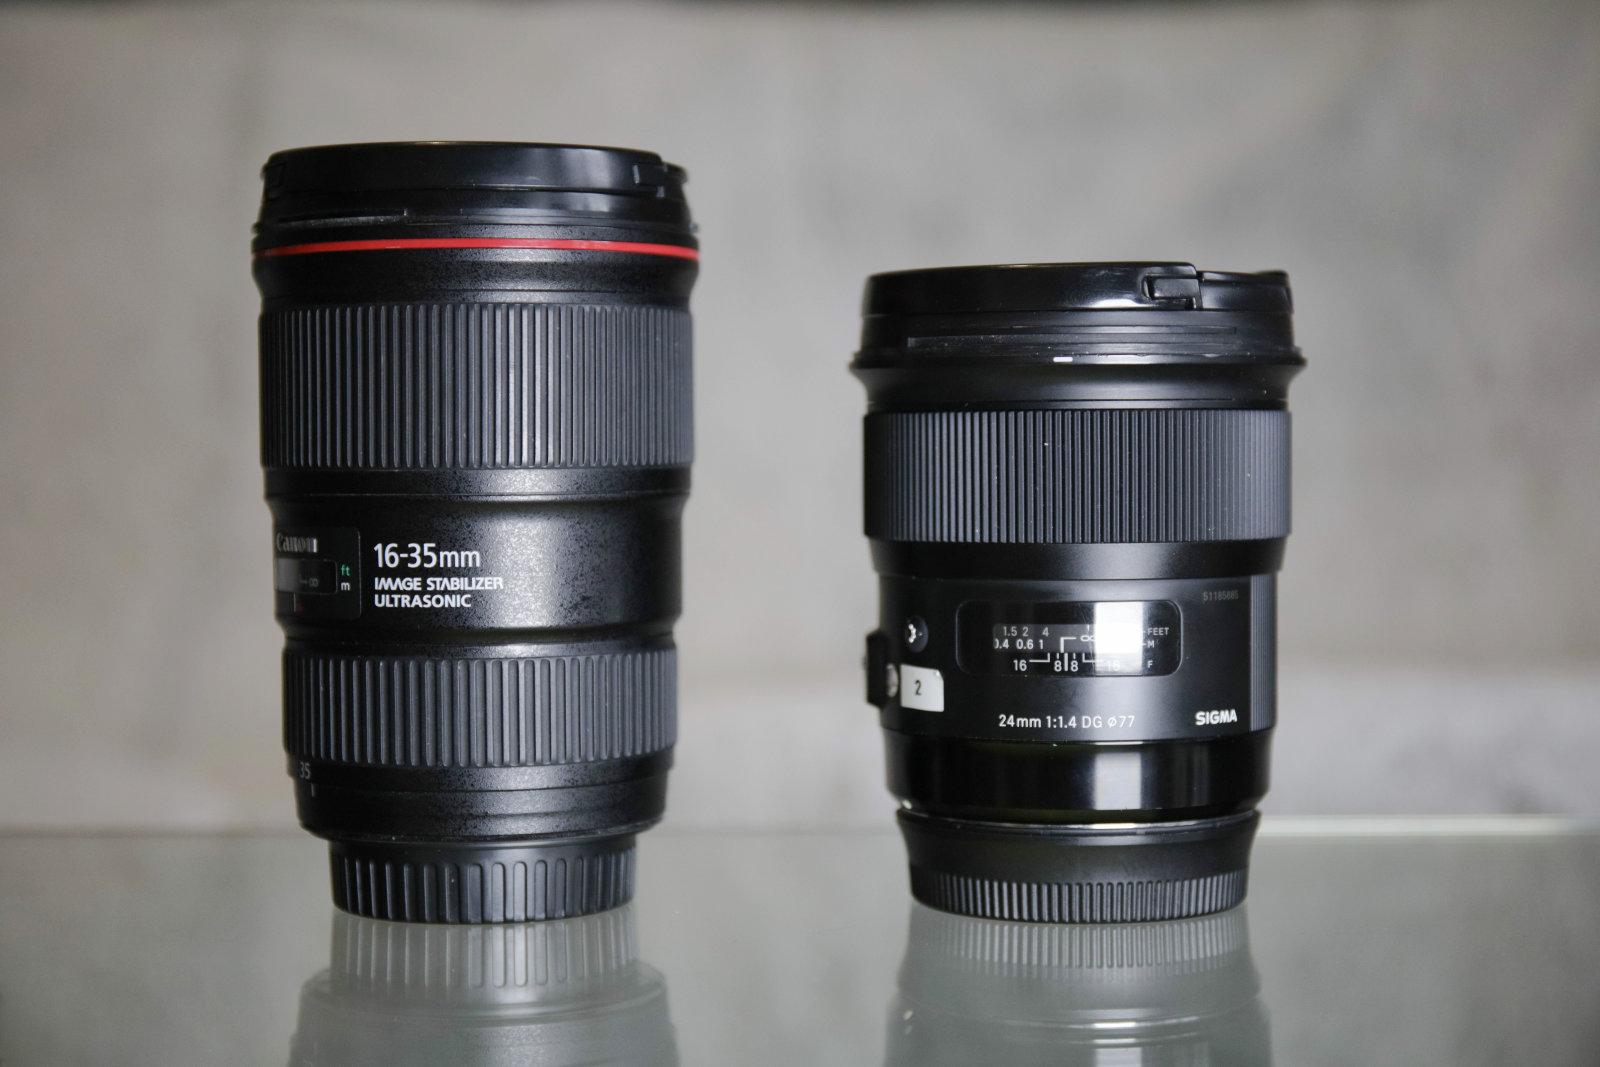 Comparatif taille objectifs CANON SIGMA | Pierre-Louis Ferrer | Test du SIGMA 24mm F/1.4 DG HSM Art en photographie infrarouge | Partie 1